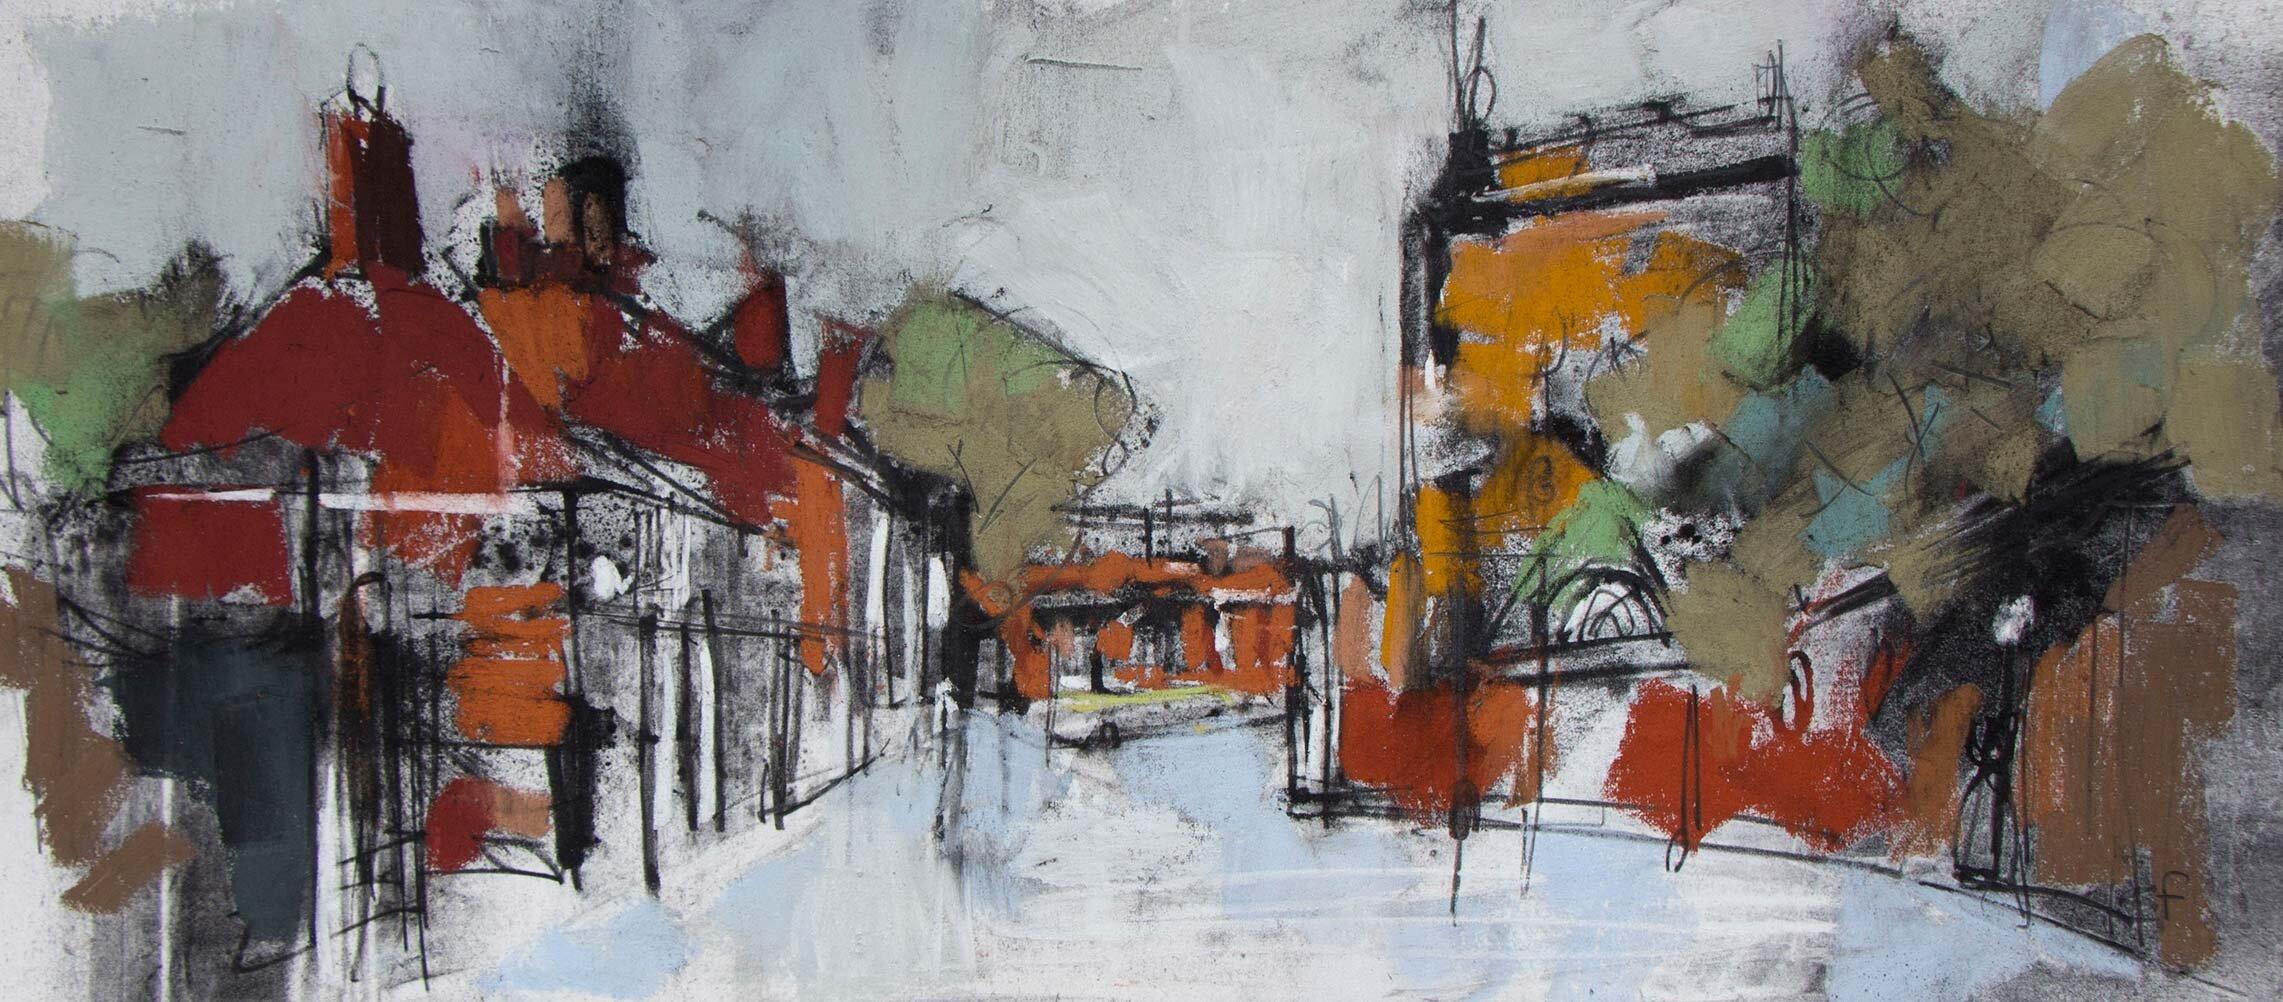 Emma Fitzpatrick, Castle View, Pastel & Charcoal